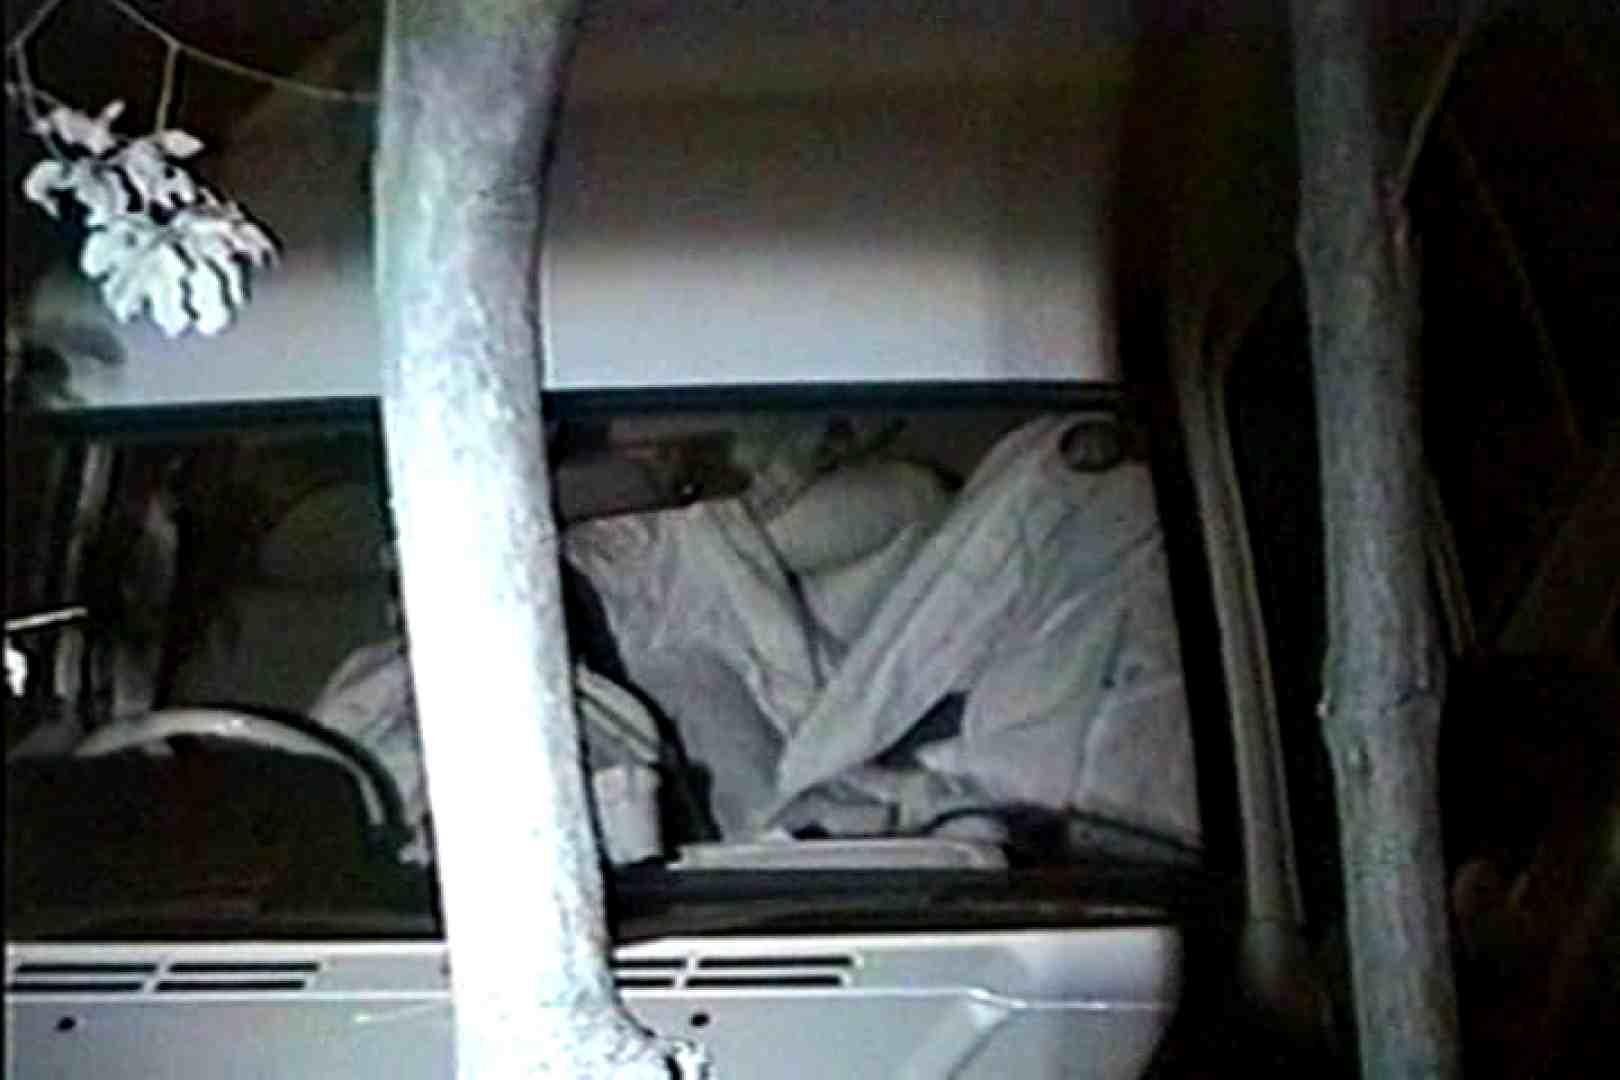 車の中はラブホテル 無修正版  Vol.8 望遠 のぞき動画画像 102PIX 53